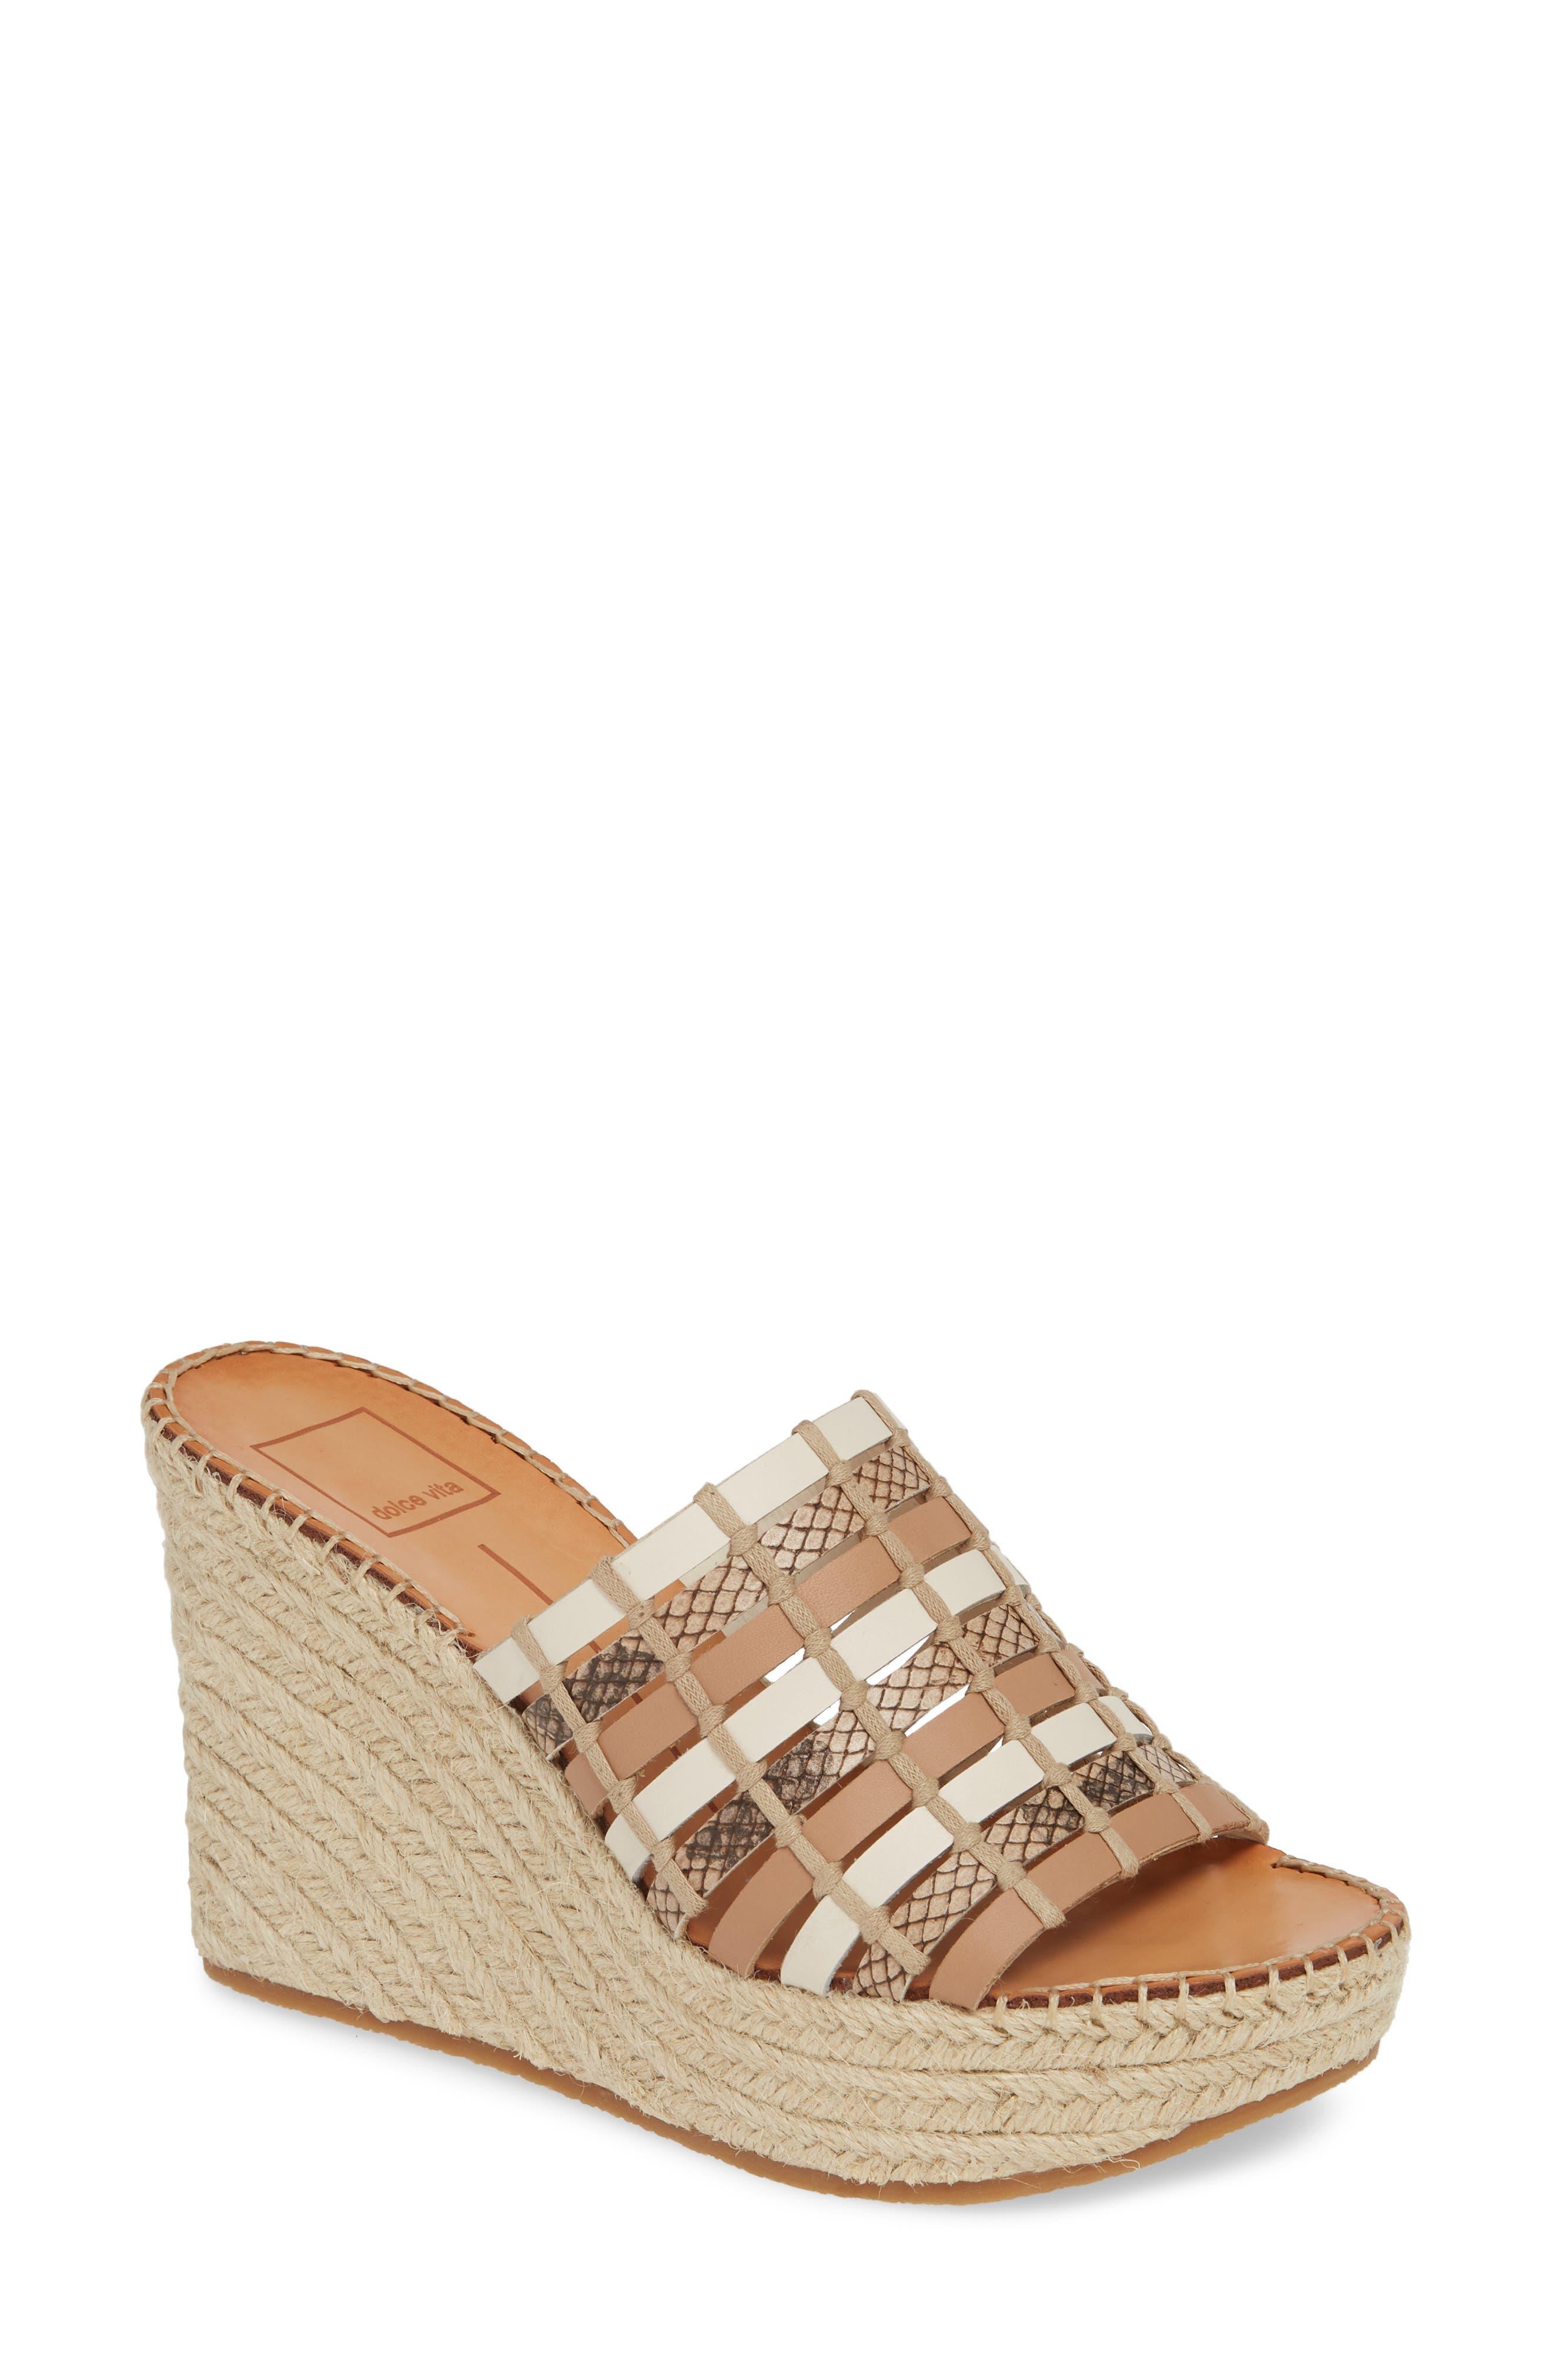 Prue Espadrille Wedge Slide Sandal, Main, color, NATURAL MULTI LEATHER